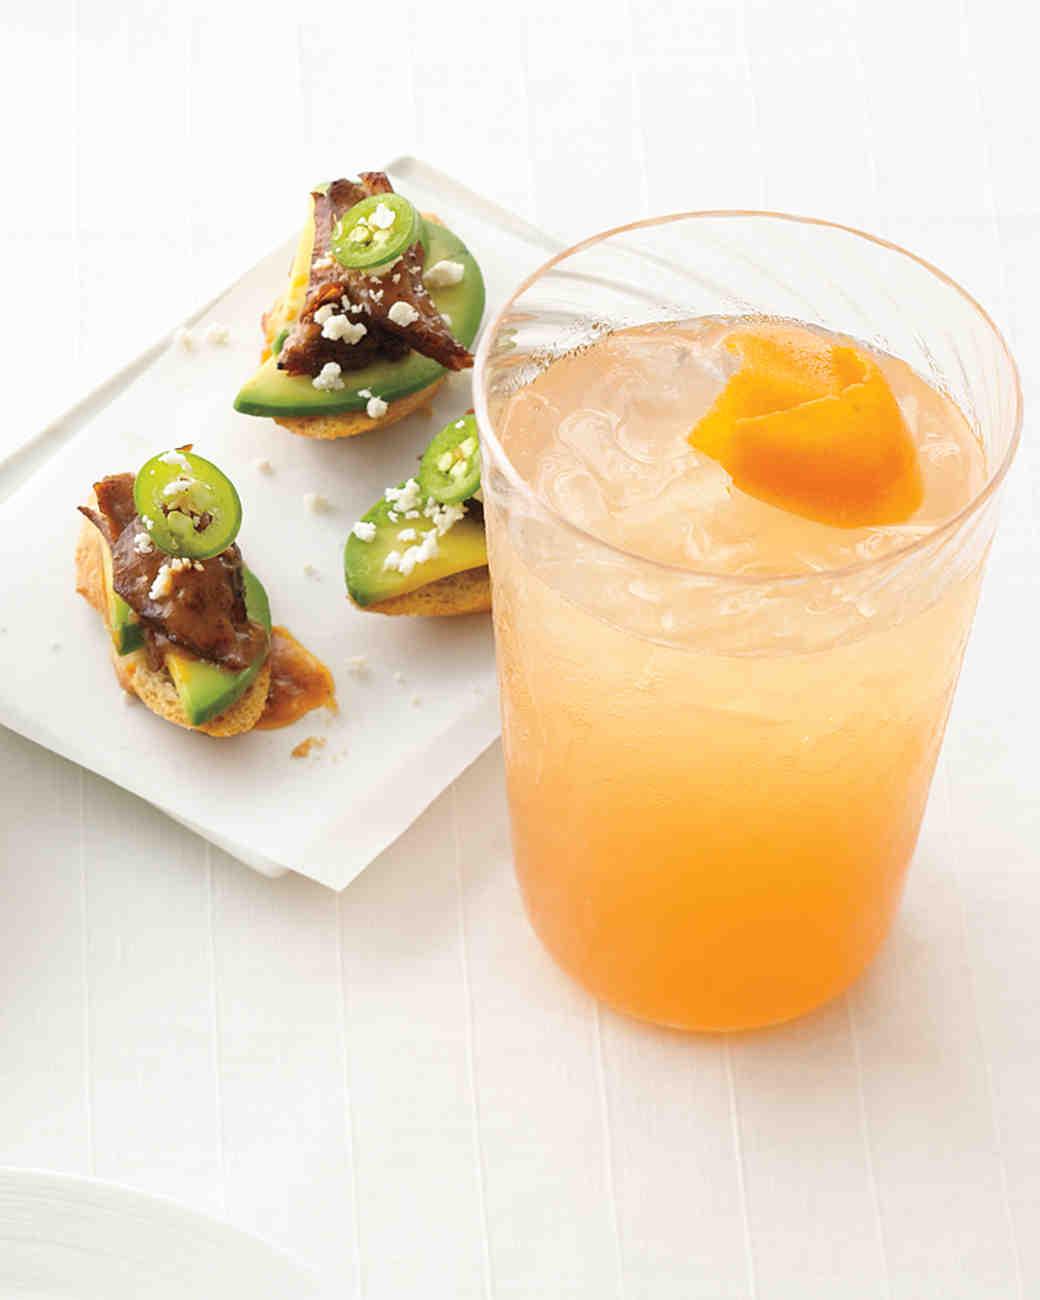 Wedding Cocktail-Hour Recipes